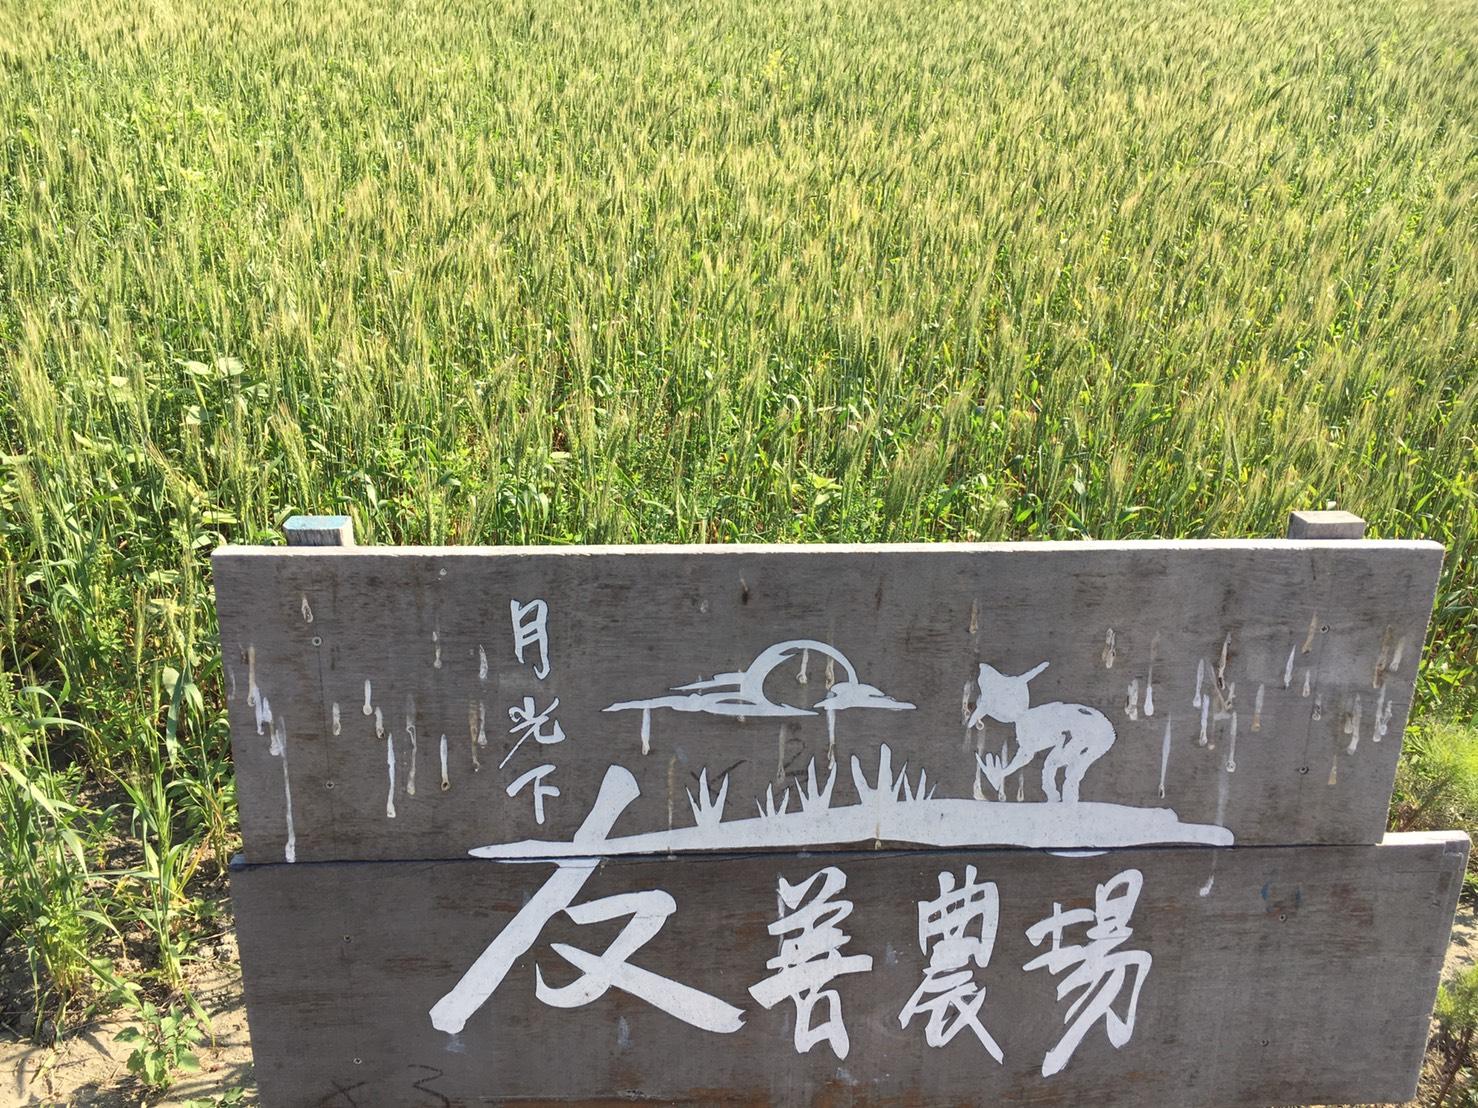 重新在麥寮長起的小麥(圖片提供/月光山友善農場)